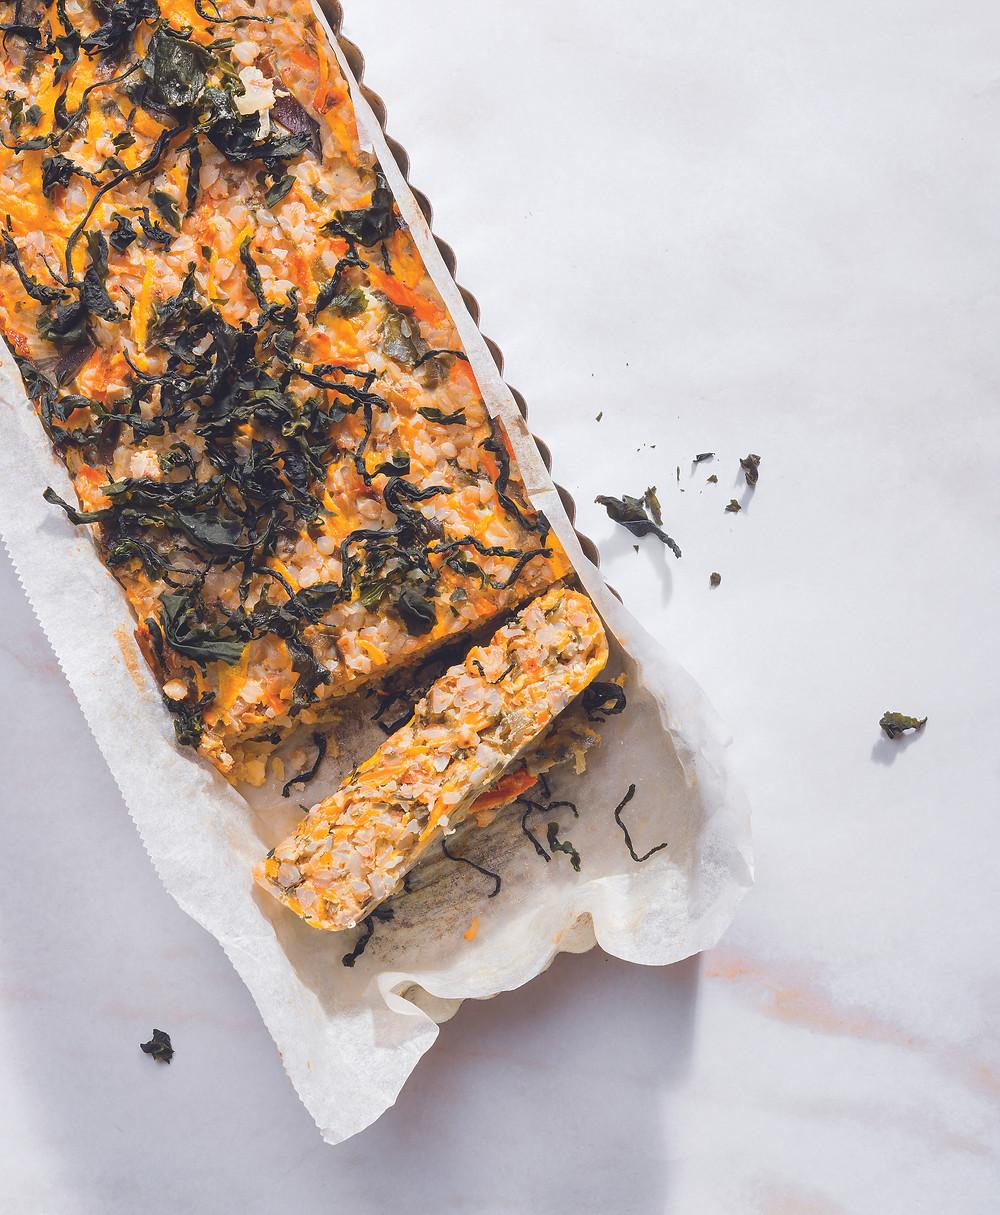 grikių apkepas su morkomis, receptai, greita vakarienė, pusryčiai, Alfas Ivanauskas